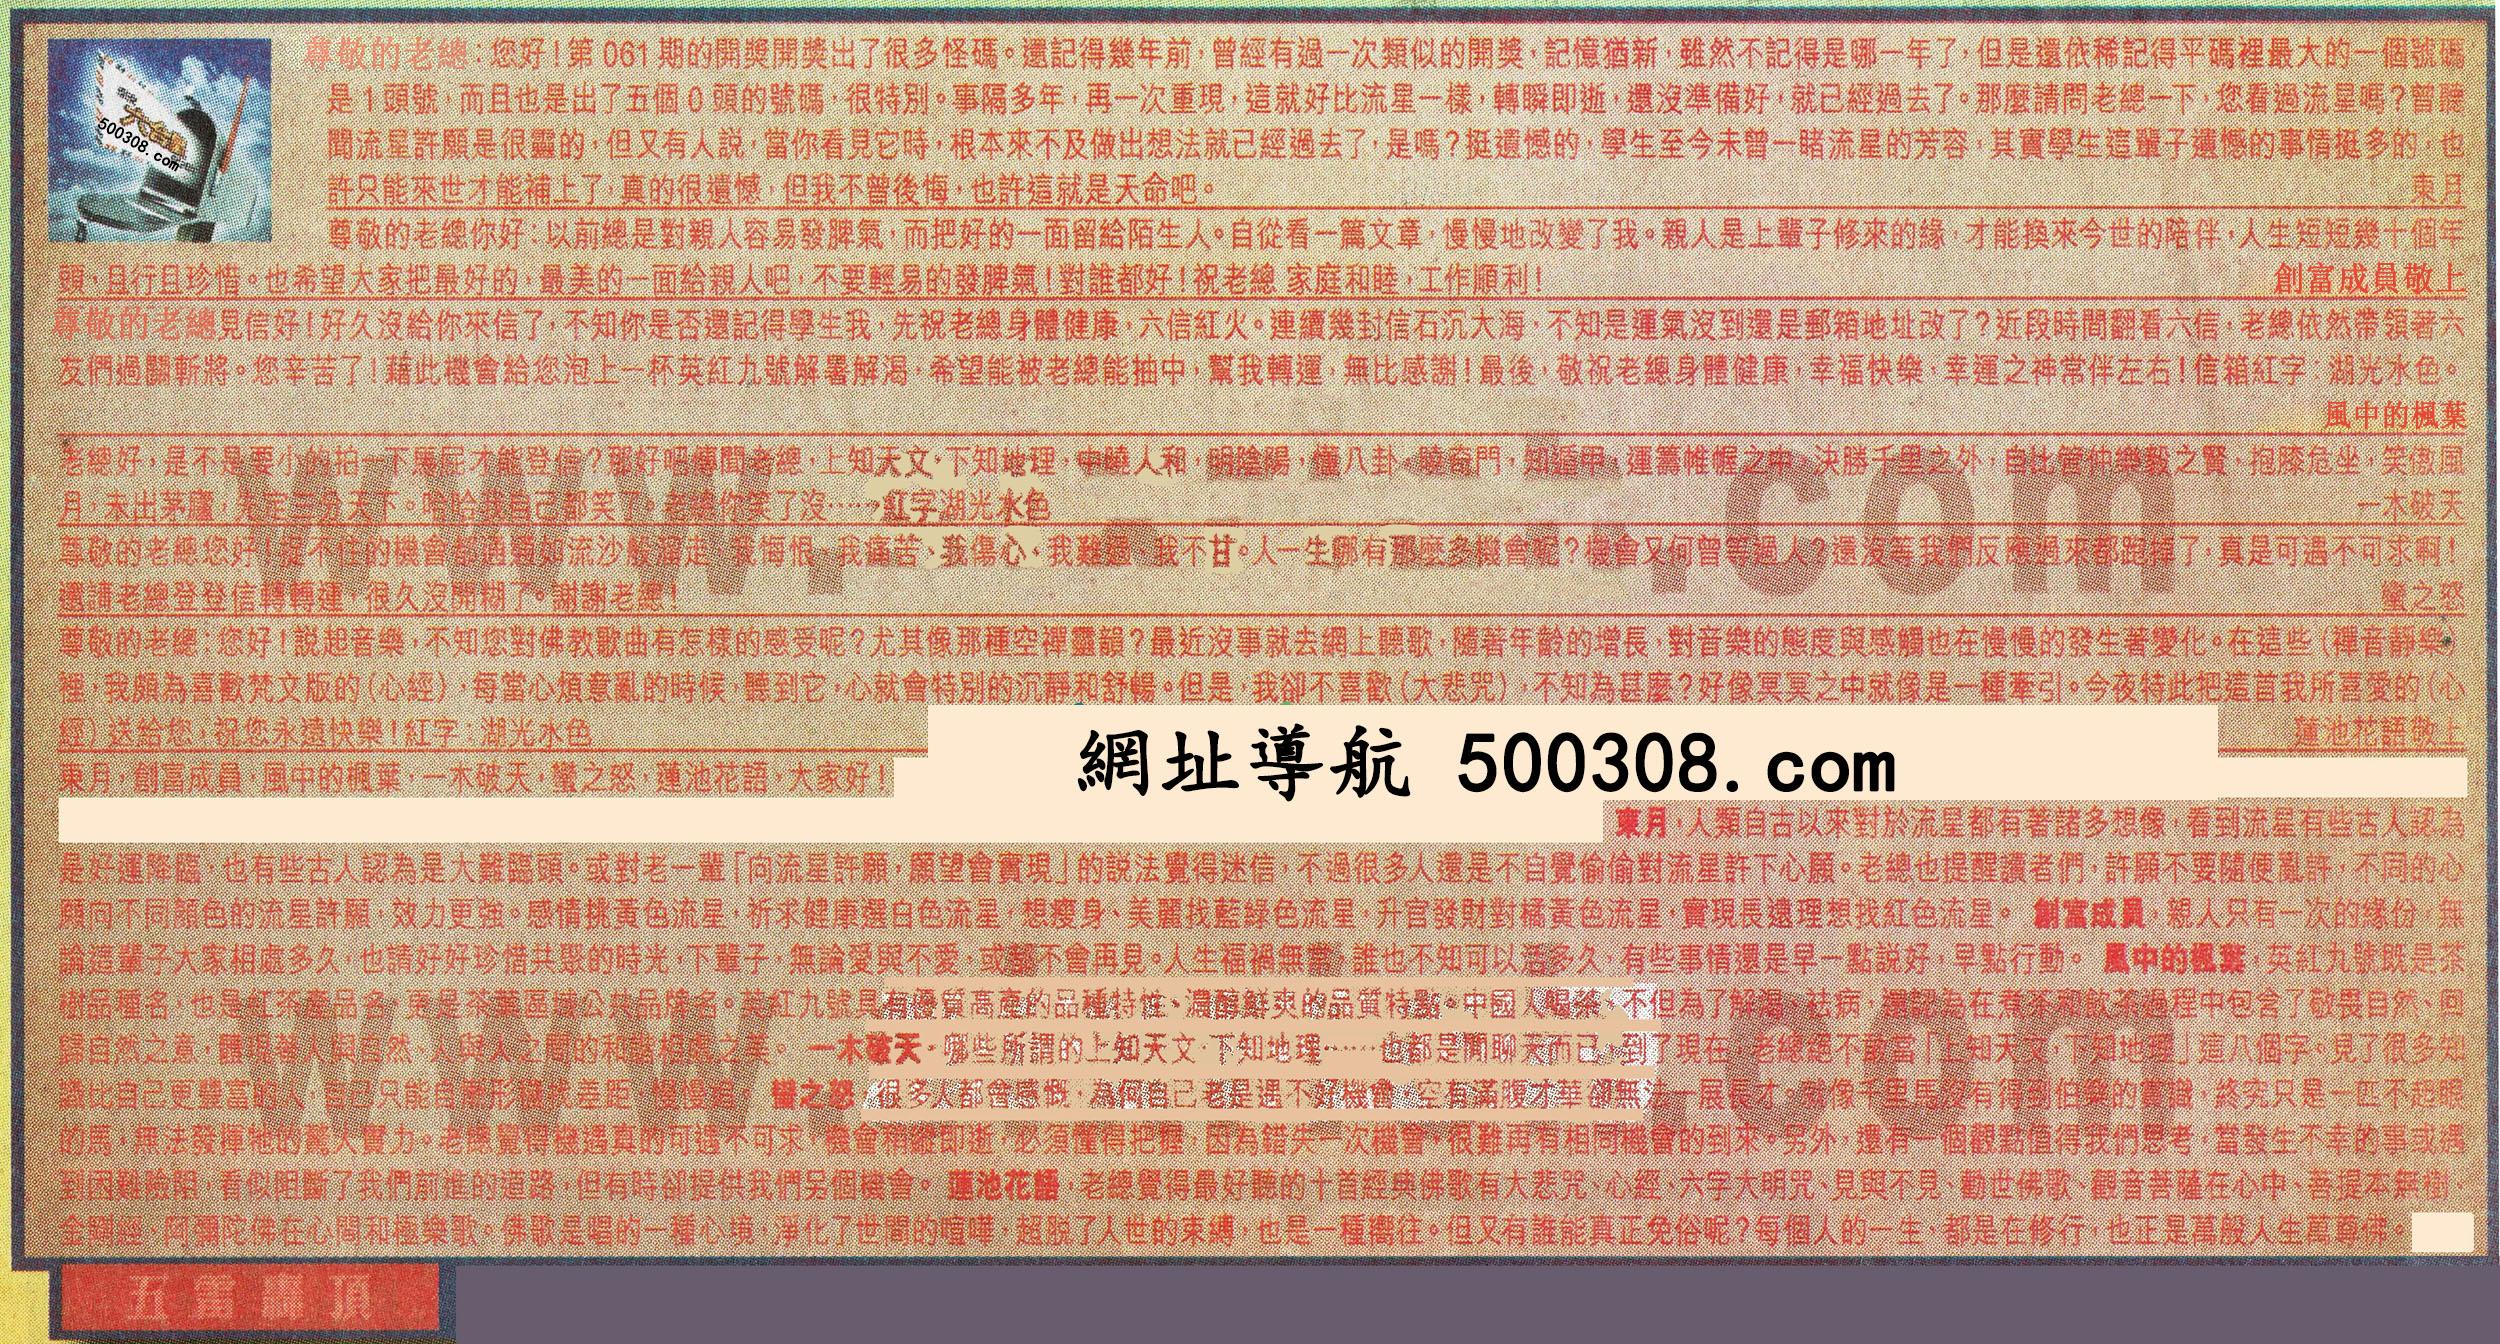 064期:彩民推荐六合皇信箱(�t字:五雷�Z�)_064期开奖结果:09-42-04-21-36-01-T03(猪/蓝/木)